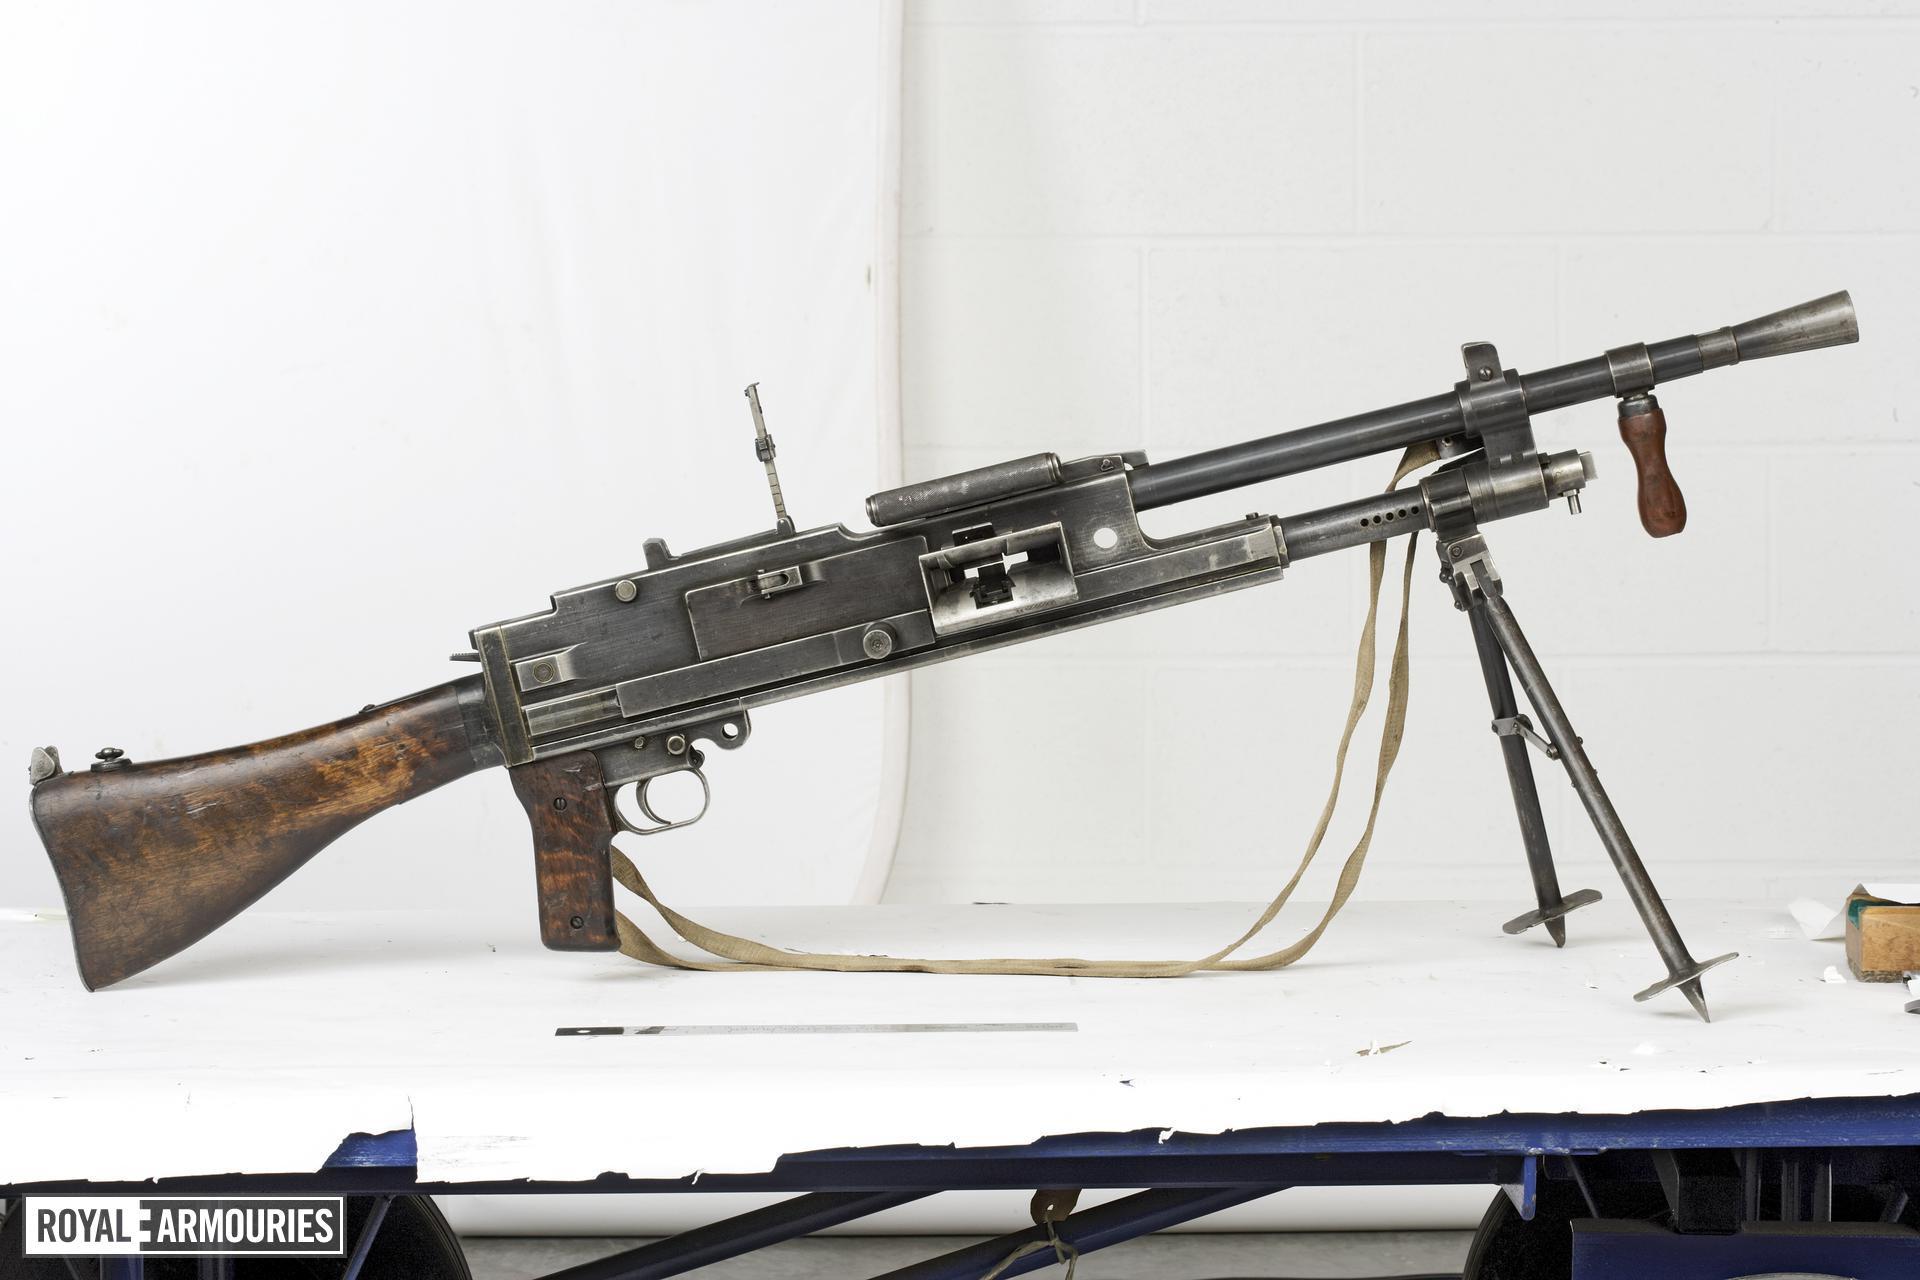 Centrefire automatic machine gun - Sampo L41